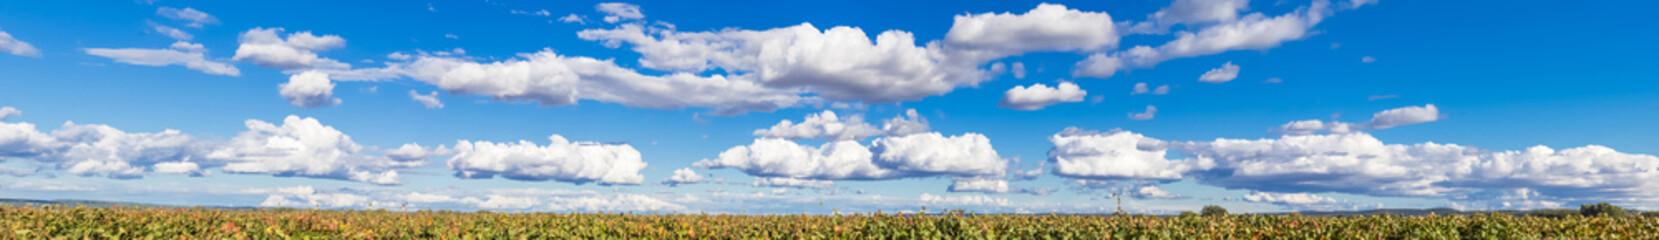 Panorama de grand ciel bleu et nuages au-dessus des vignes .